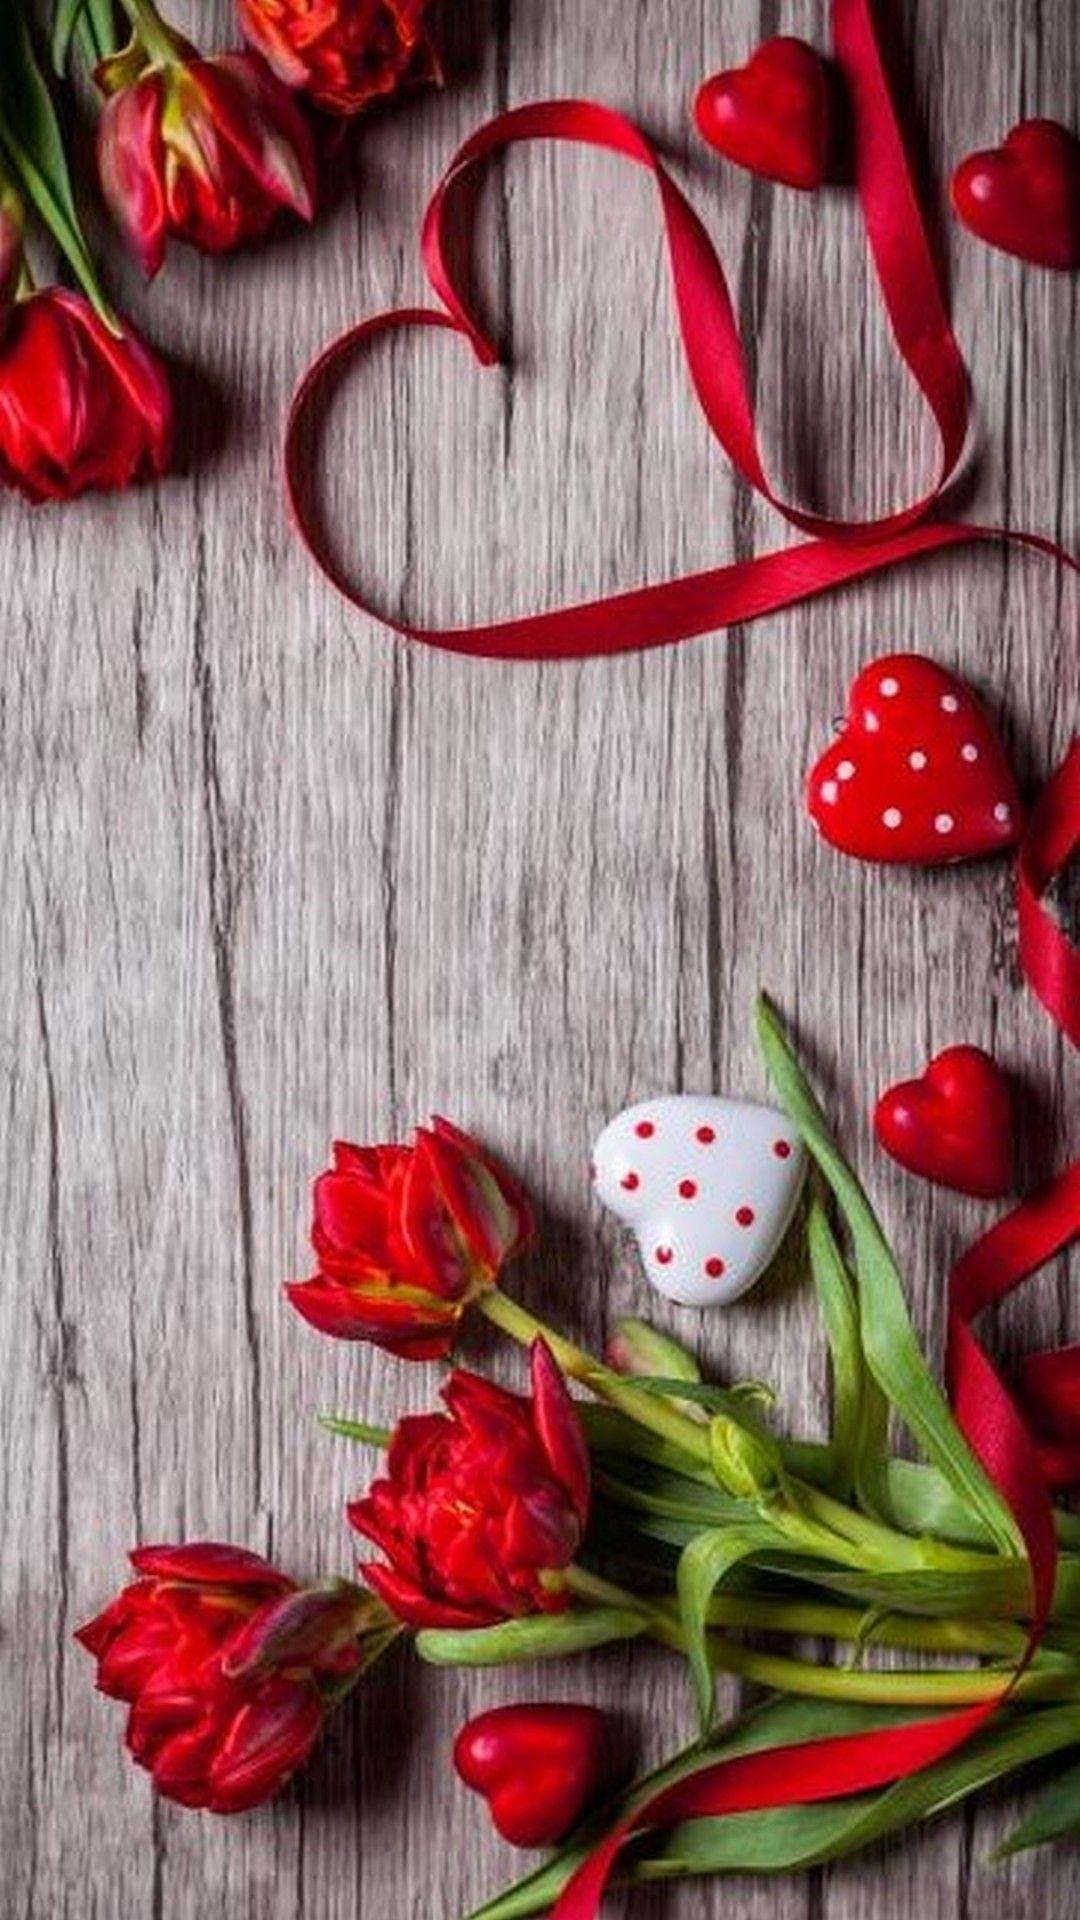 Cute Flower Iphone Wallpaper Hd Best Hd Wallpapers In 2019